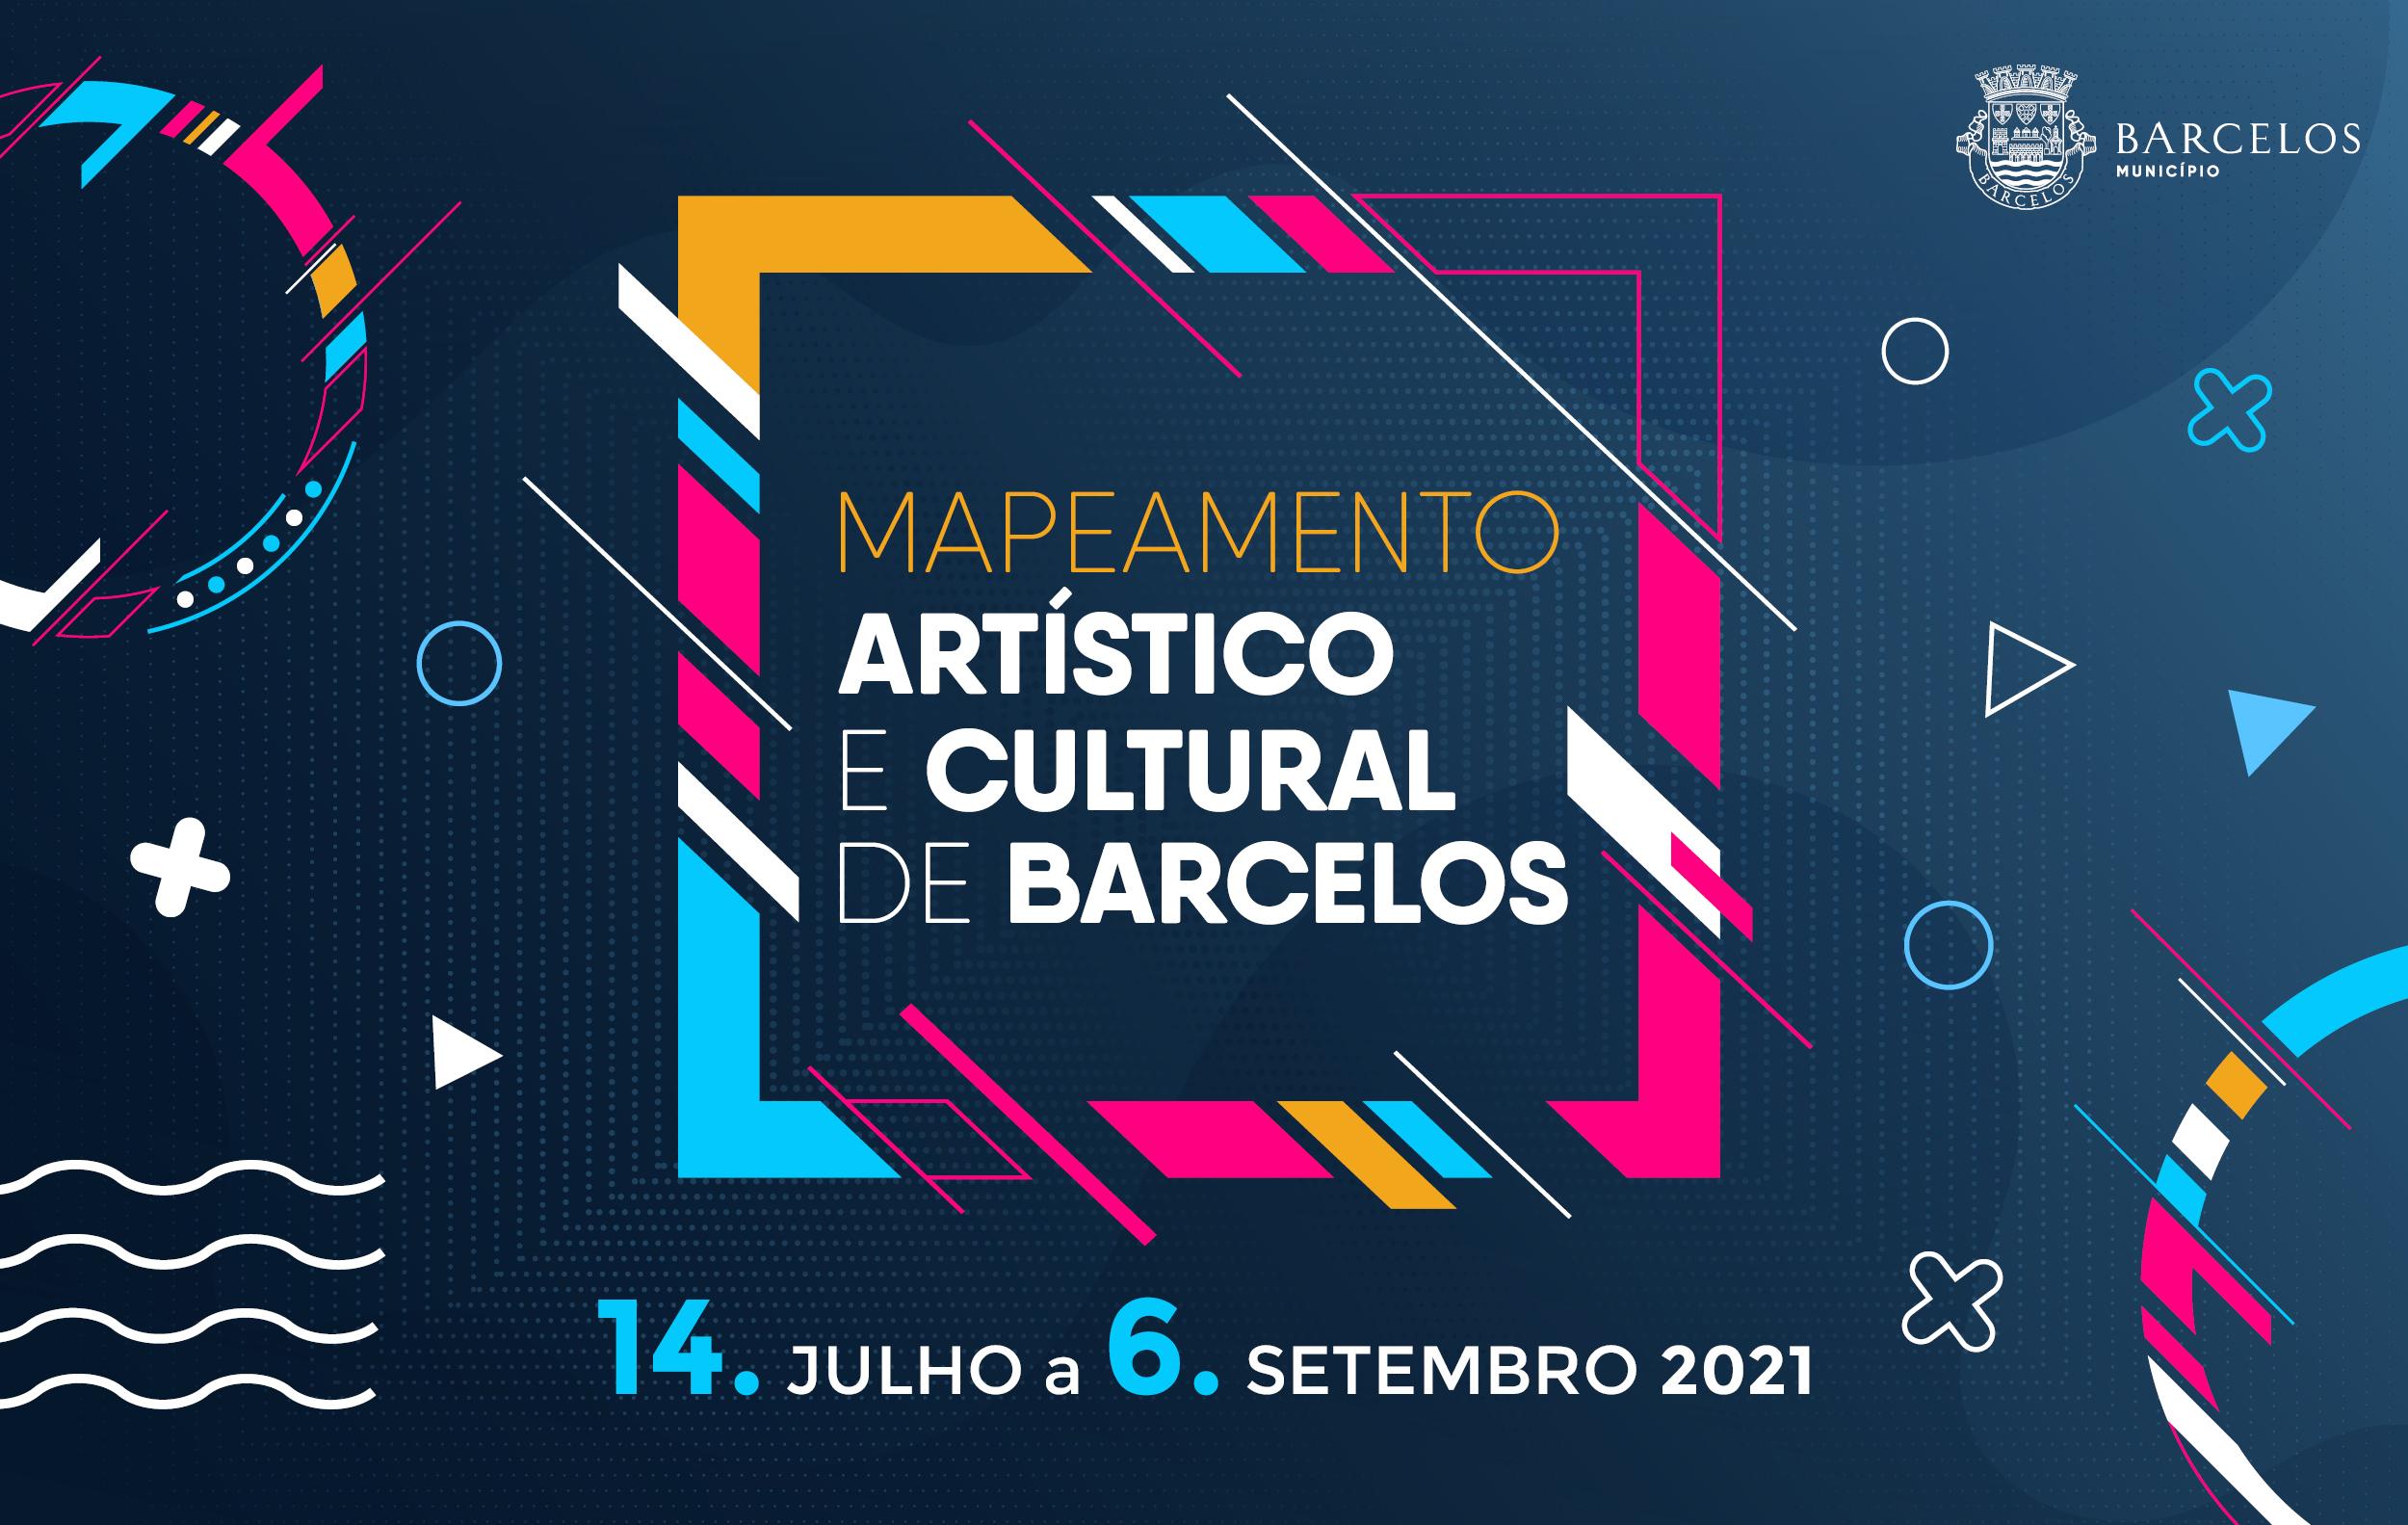 Inscrições na plataforma digital do Mapeamento Artístico e Cultural de Barcelos disponíveis no site do Município